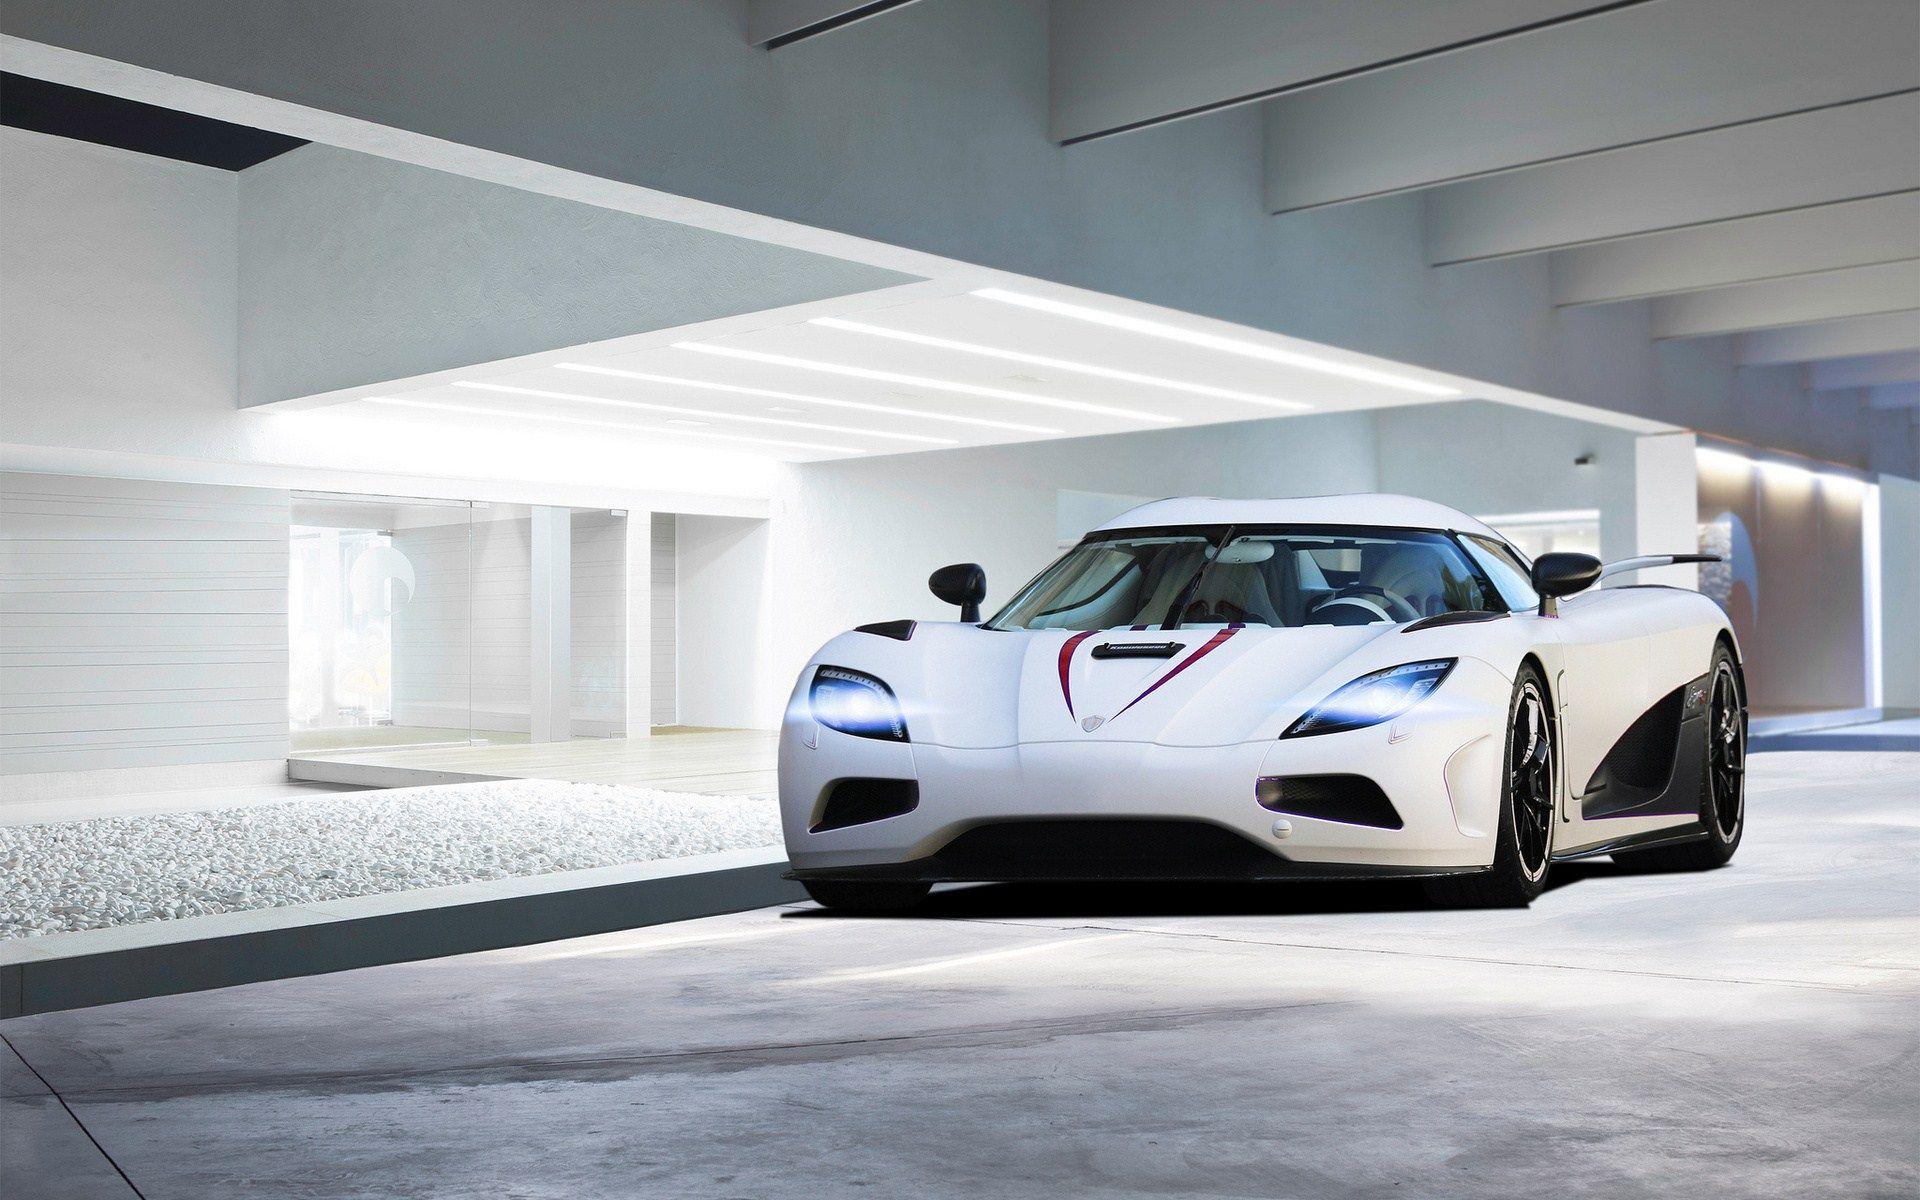 #Koenigsegg Agera R 2014